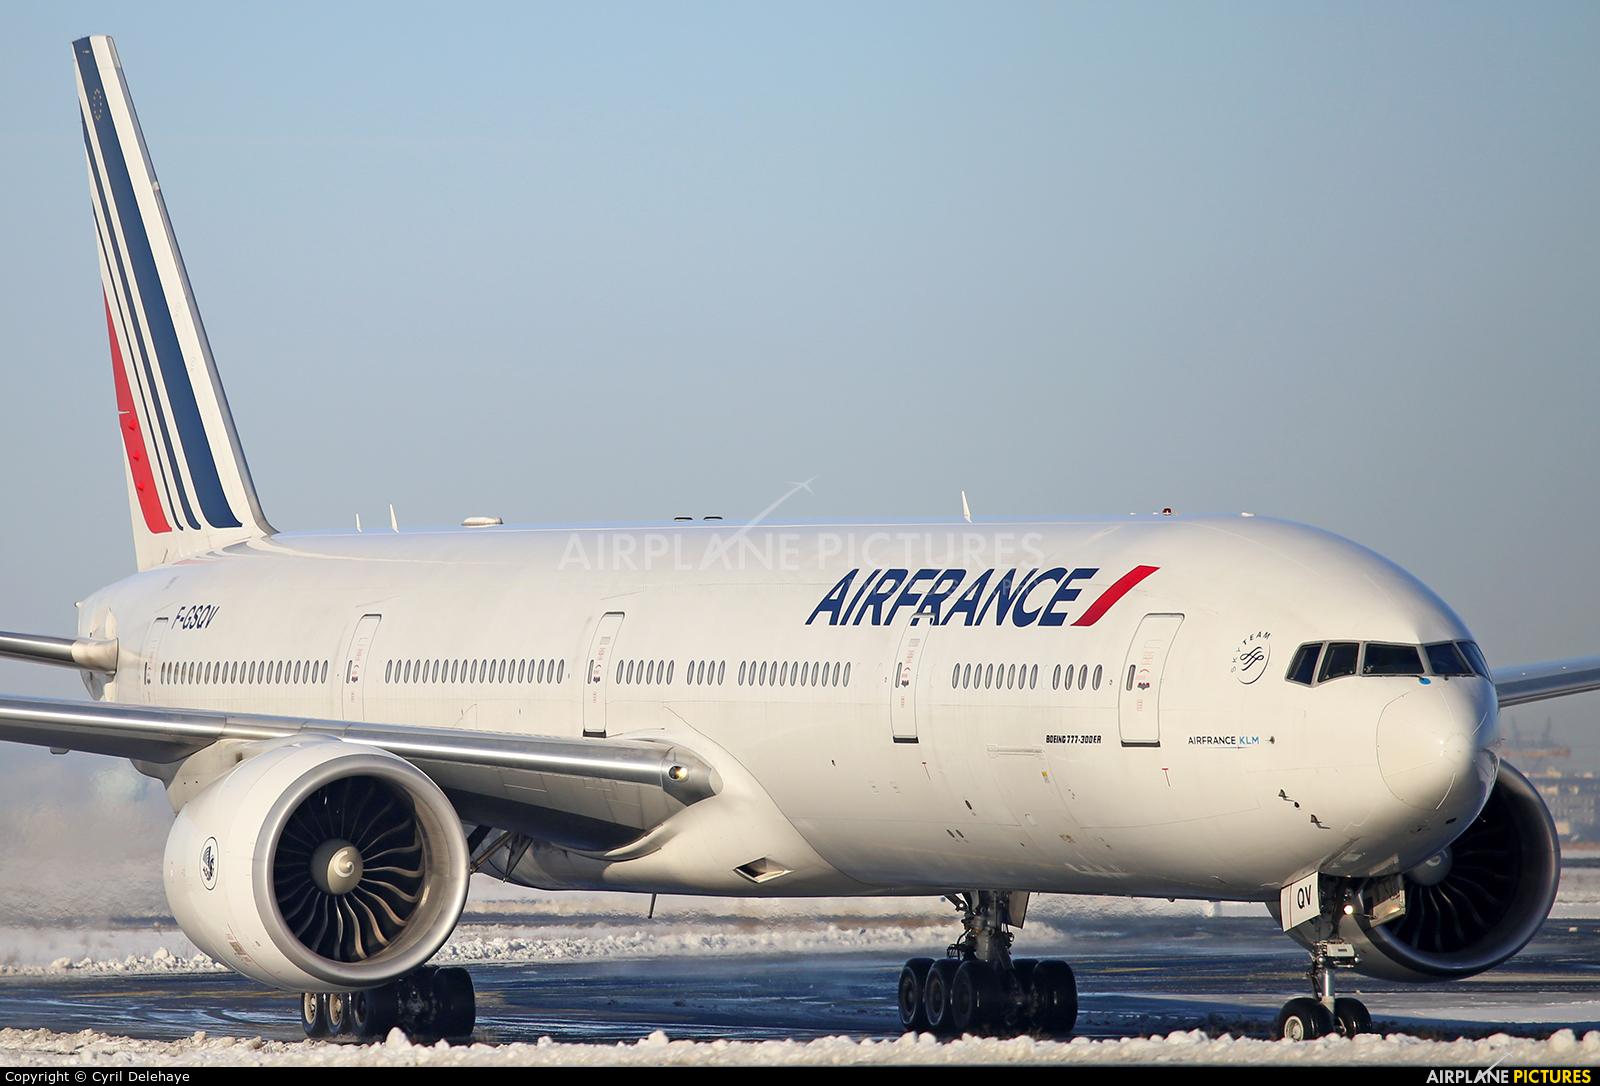 Air France F-GSQV aircraft at Paris - Charles de Gaulle